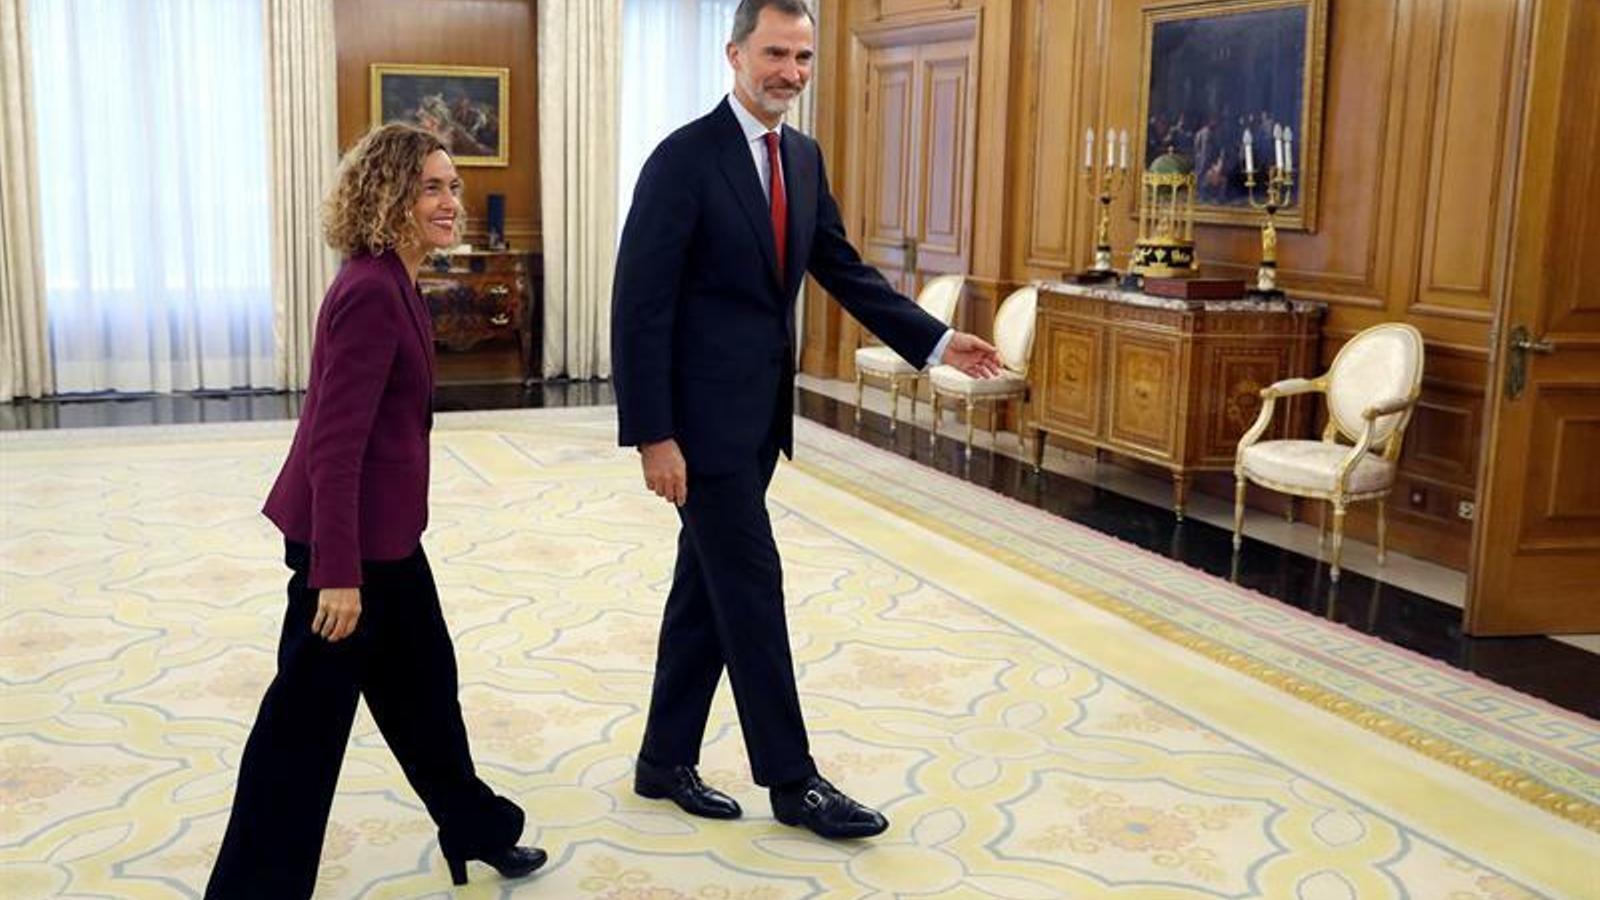 El rei Felip VI i la presidenta del Congrés, Meritxell Batet, al Palau de la Zarzuela